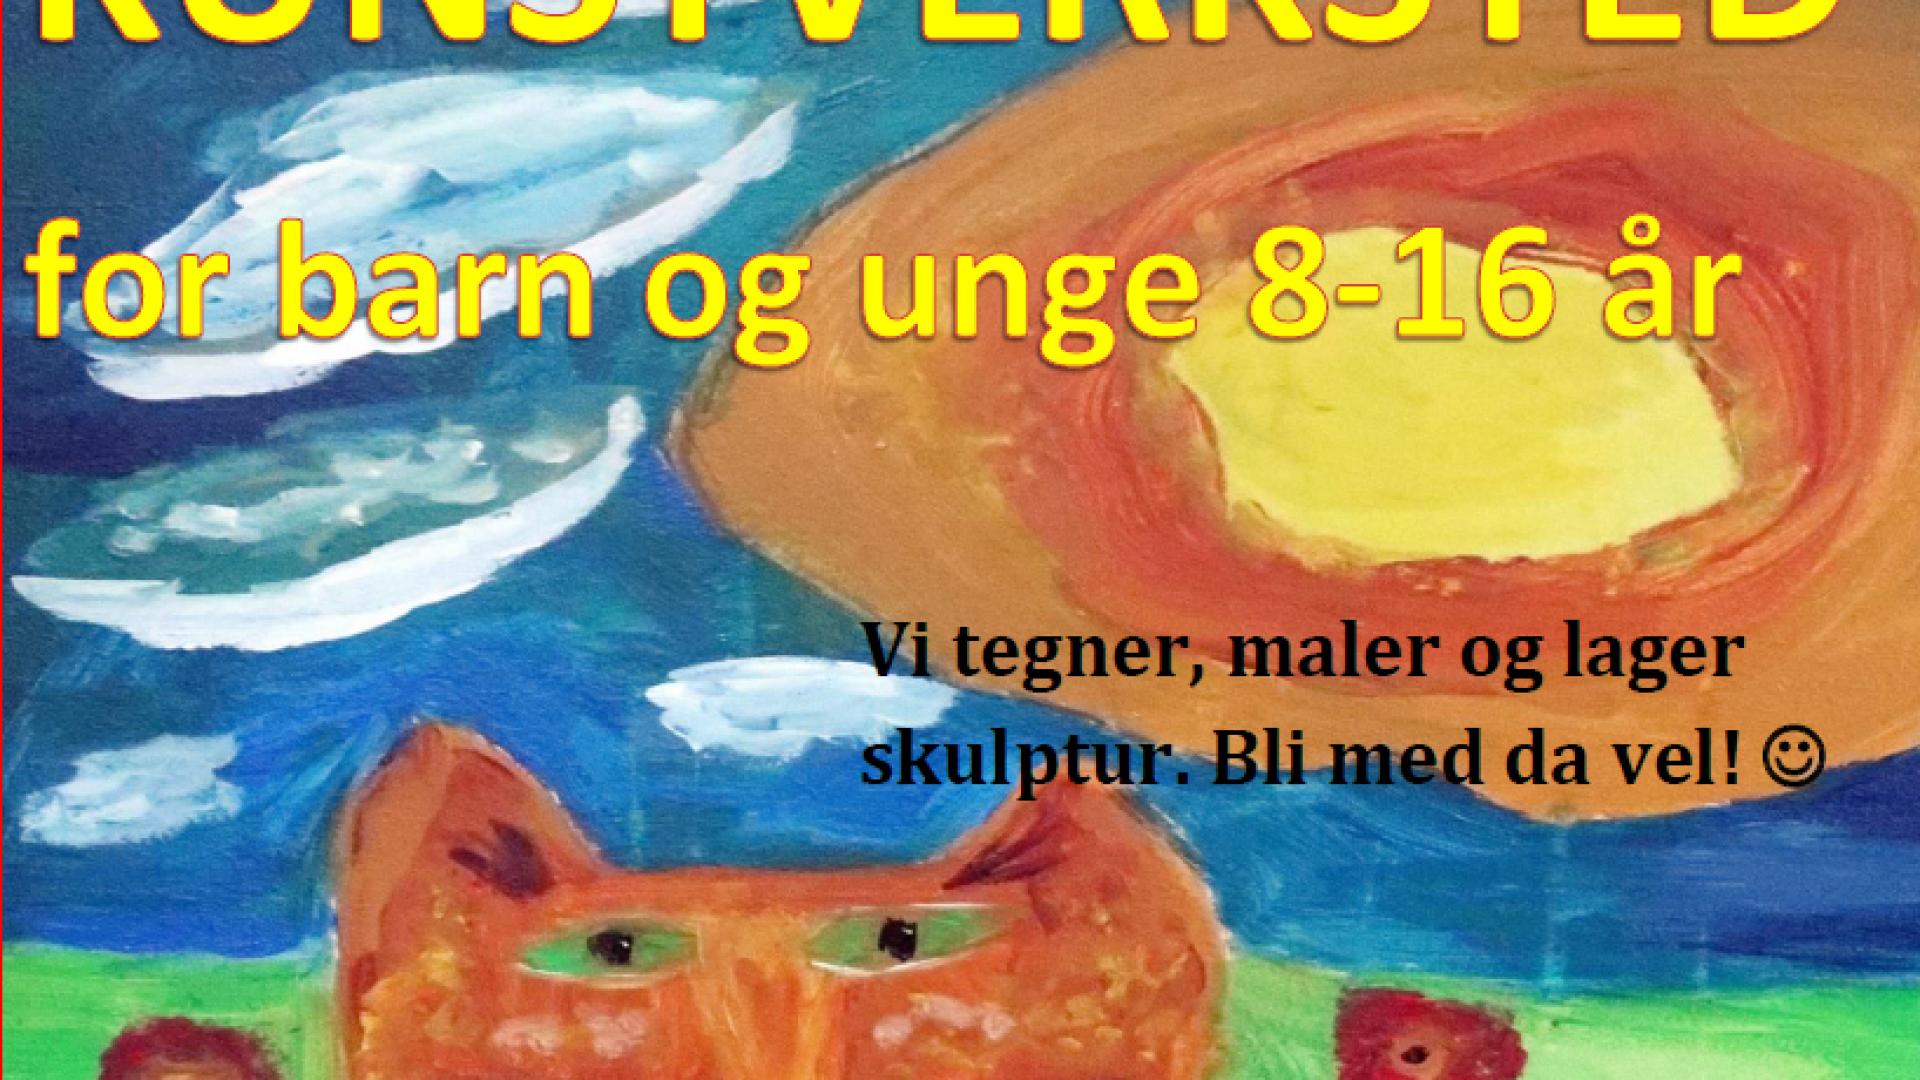 Kulturverksted for barn og unge Vevelstad Brønnøy